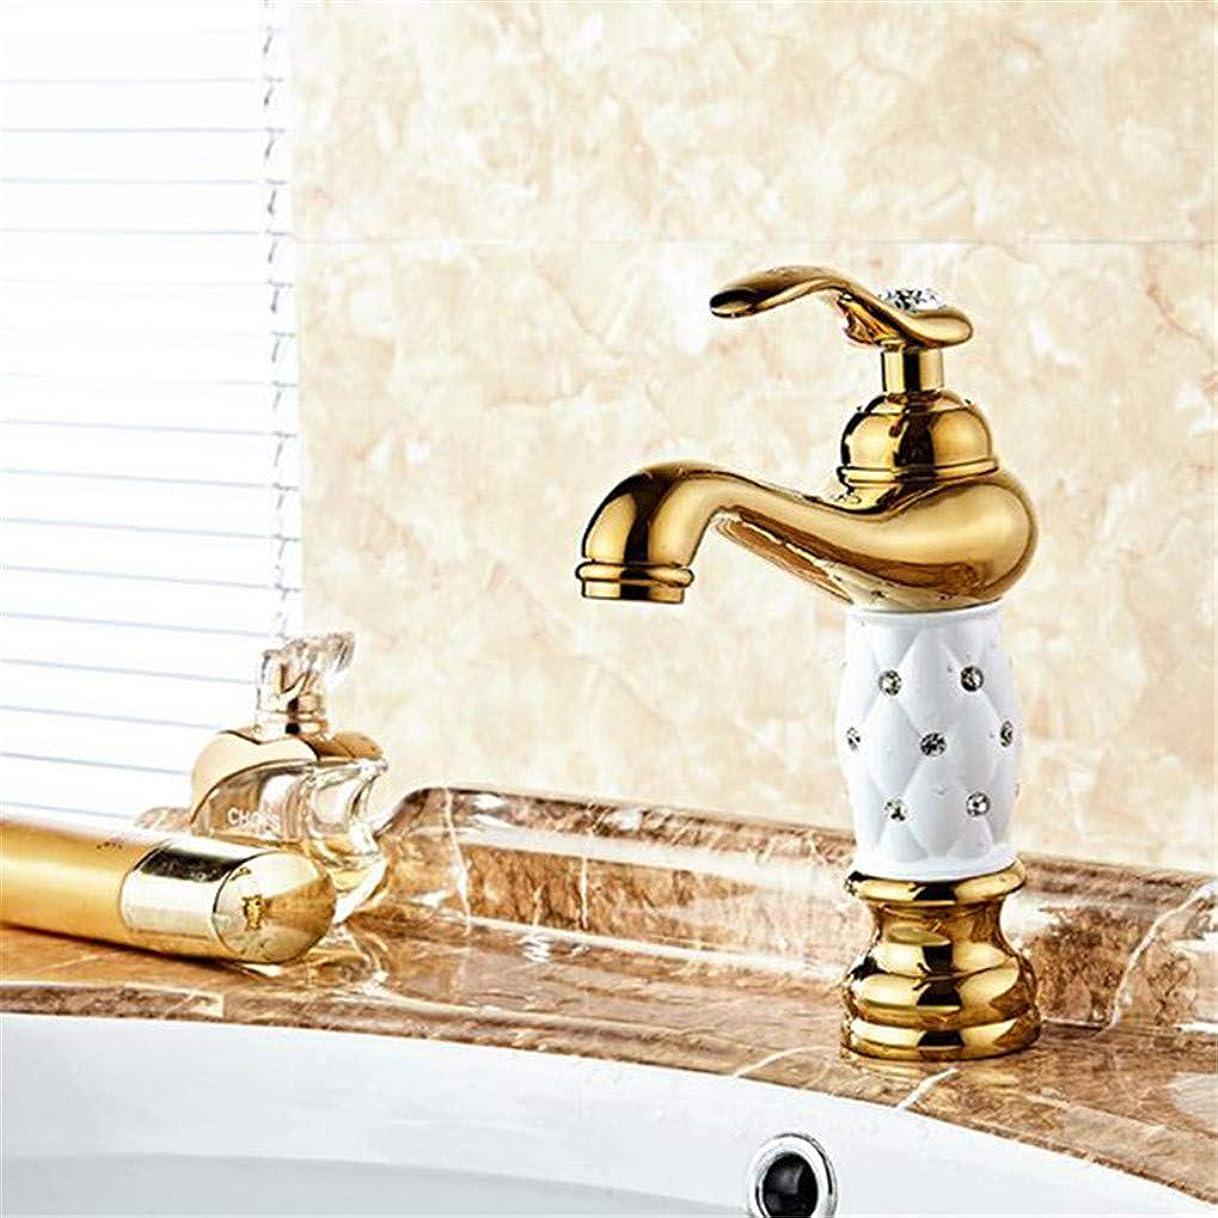 刺す前進スチールミキサー蛇口シングルホット&コールド洗面タップTorneiras Banheiroデッキがマウントされたハンドルポリッシュダイヤモンド浴室の蛇口付き流域水栓真鍮